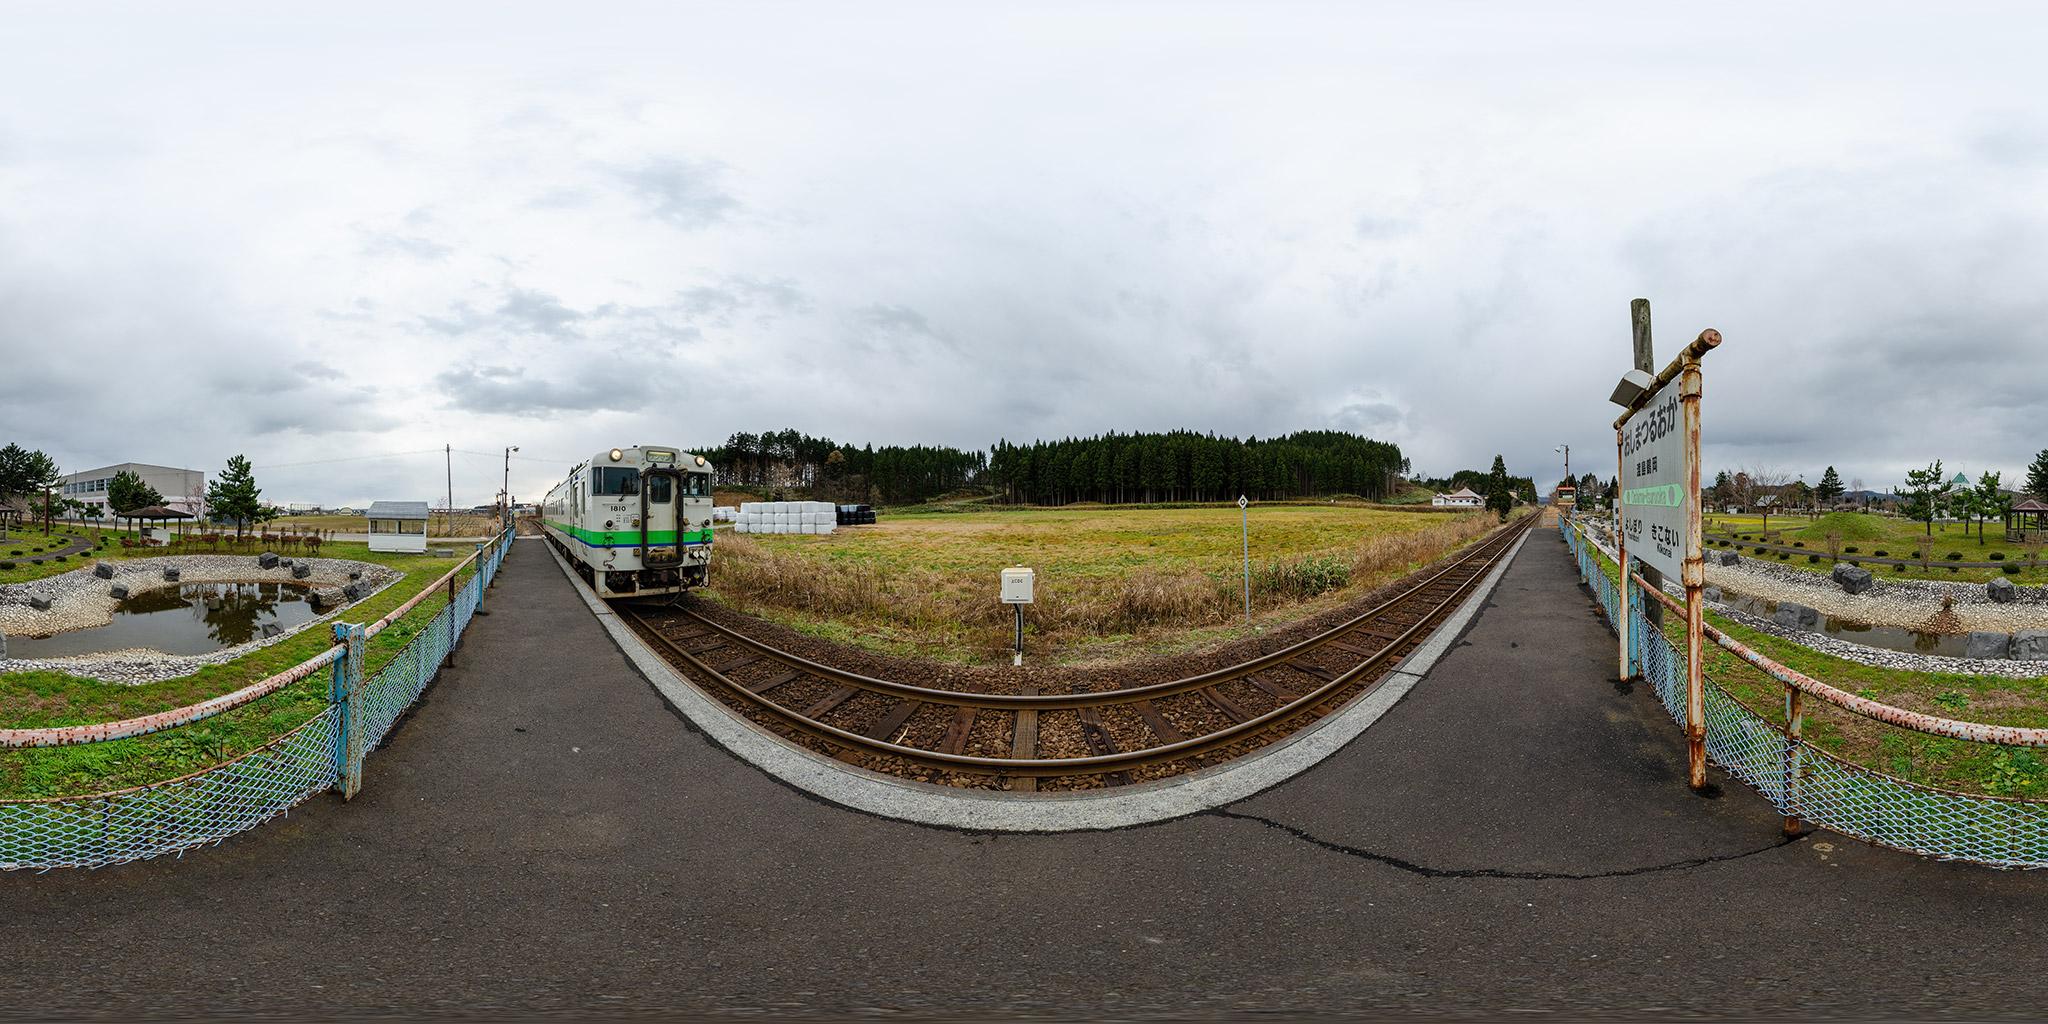 渡島鶴岡駅に到着するキハ40 1810(120D)